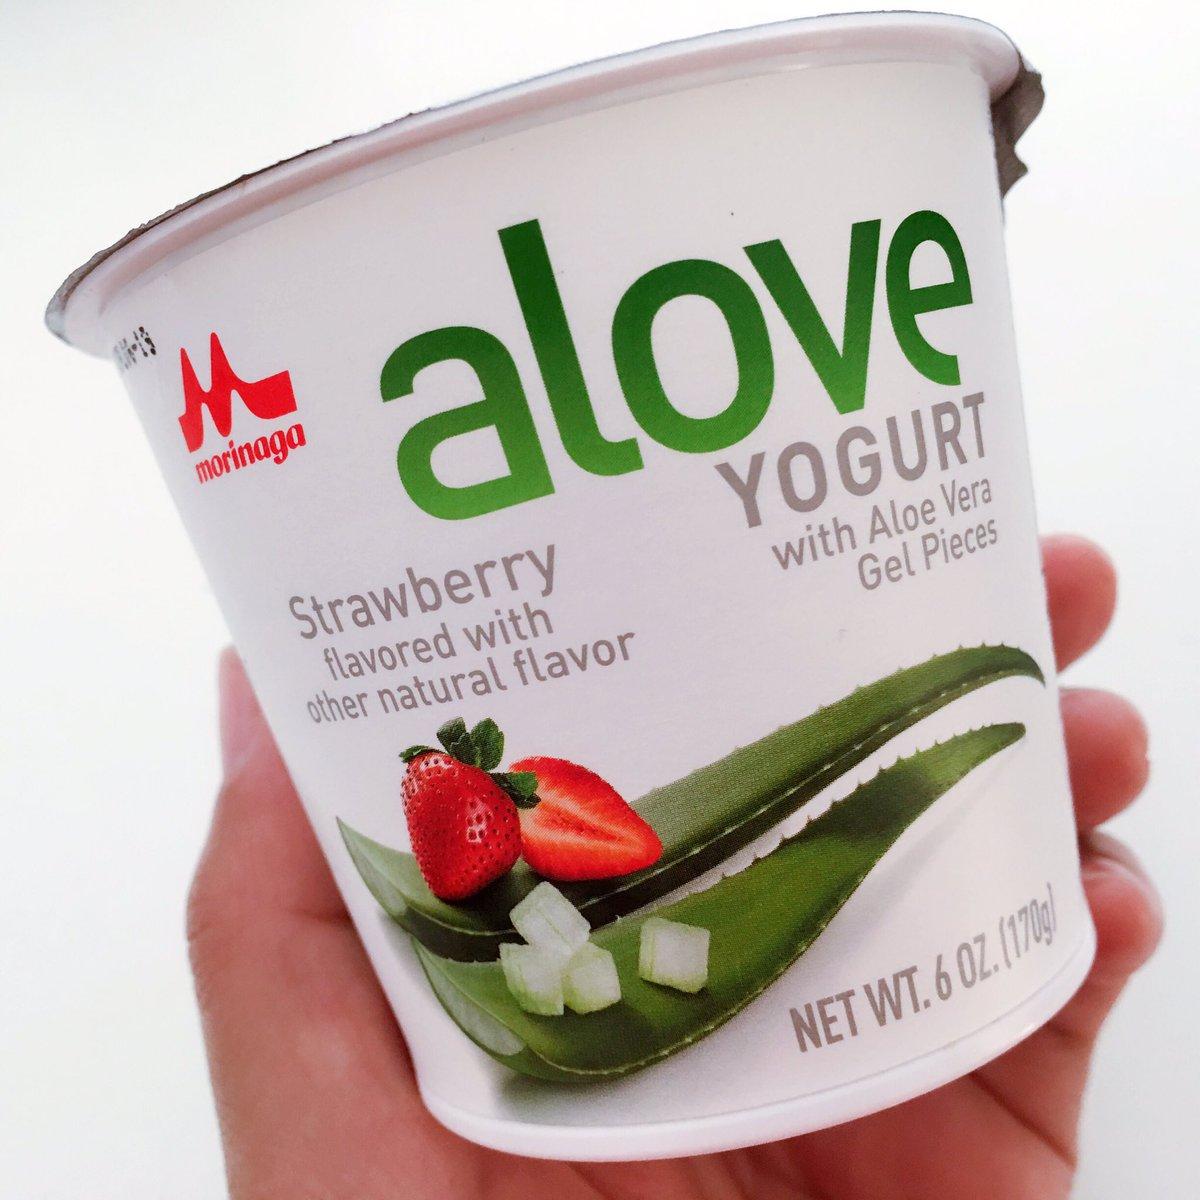 aloveyogurt on Twitter: \